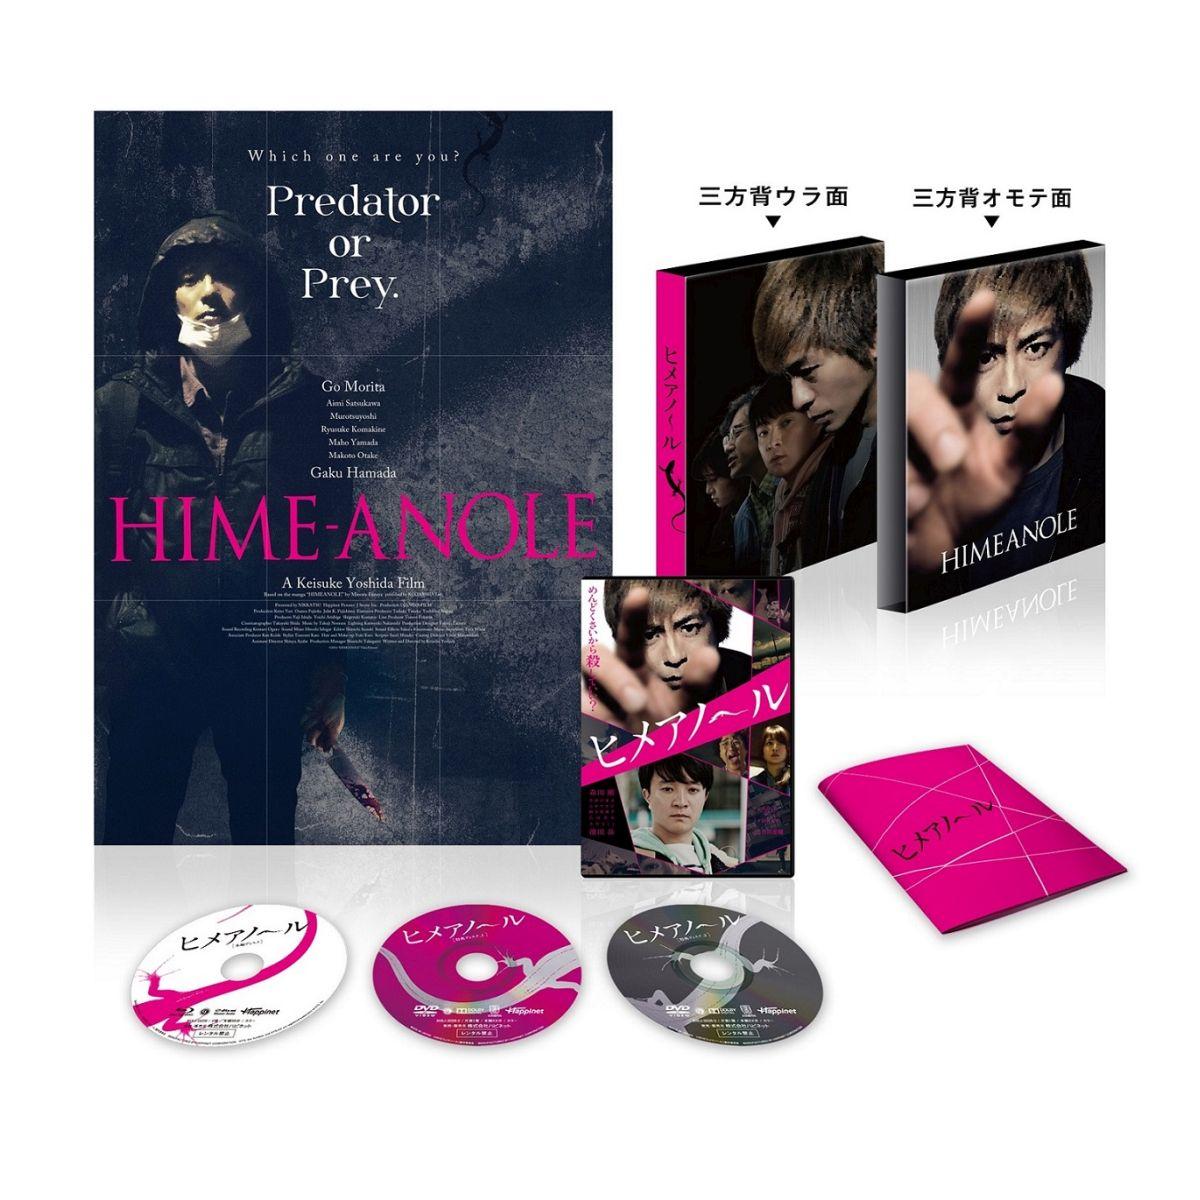 ヒメアノ〜ル 豪華版【Blu-ray】 [ 森田剛 ]...:book:18141670